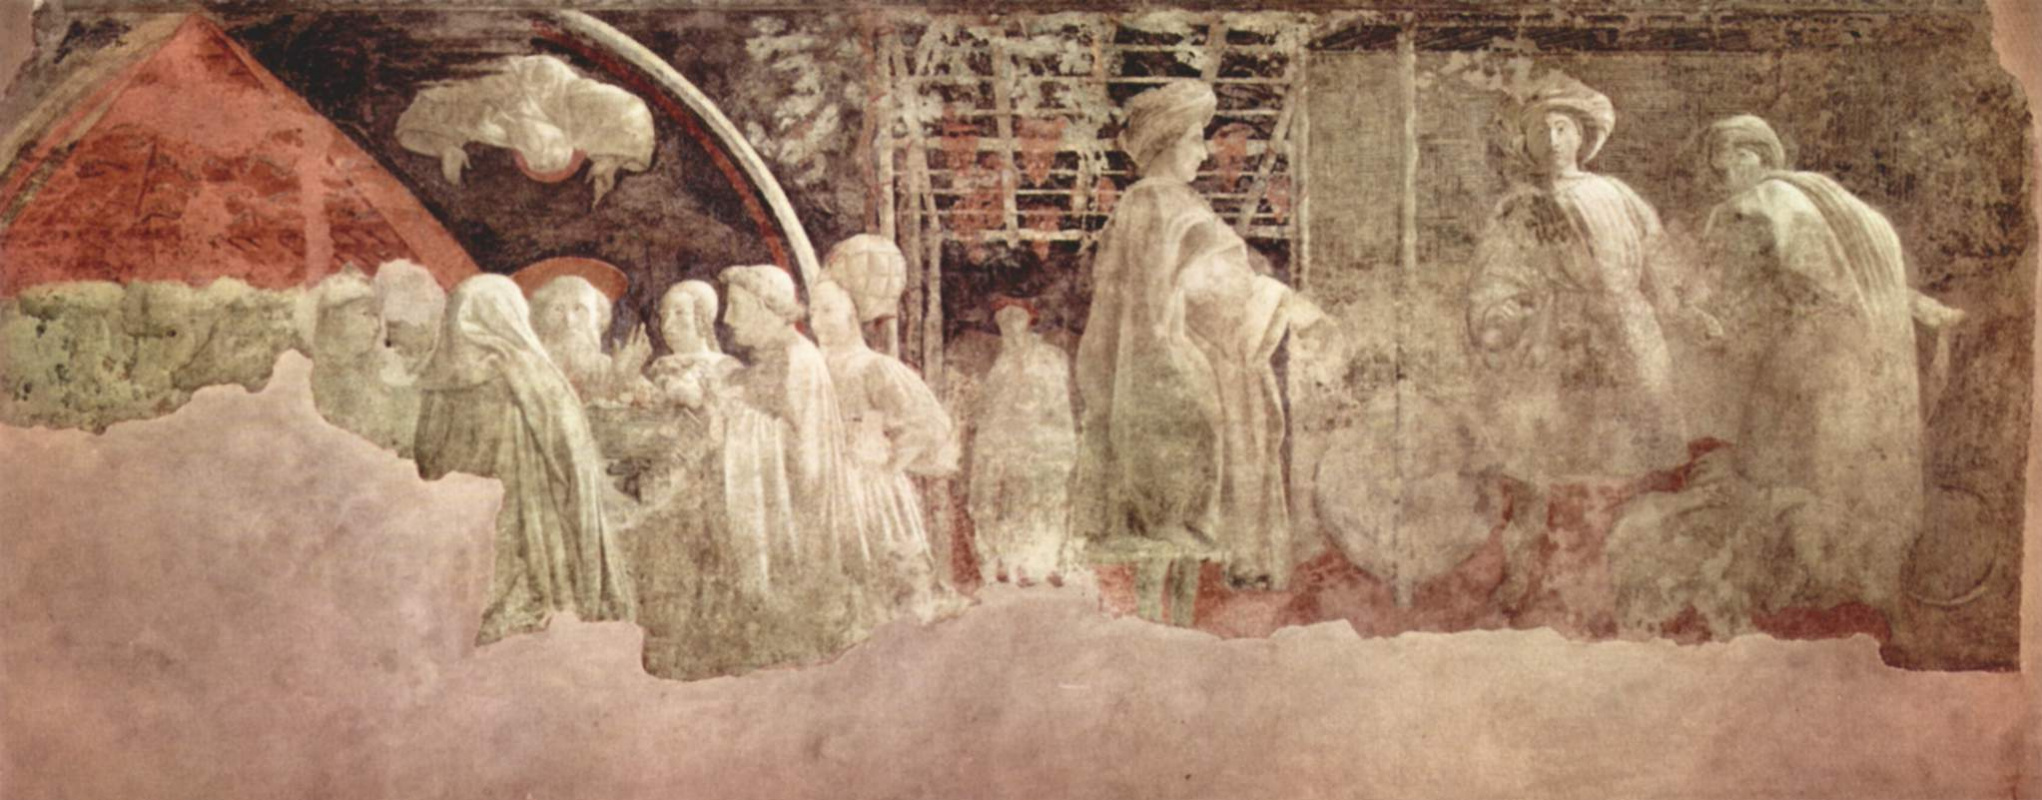 Паоло Уччелло. Цикл фресок на темы Ветхого завета в крытой галерее Санта Мария Новелла во Флоренции. Благодарственная жертва, опьянение Ноя